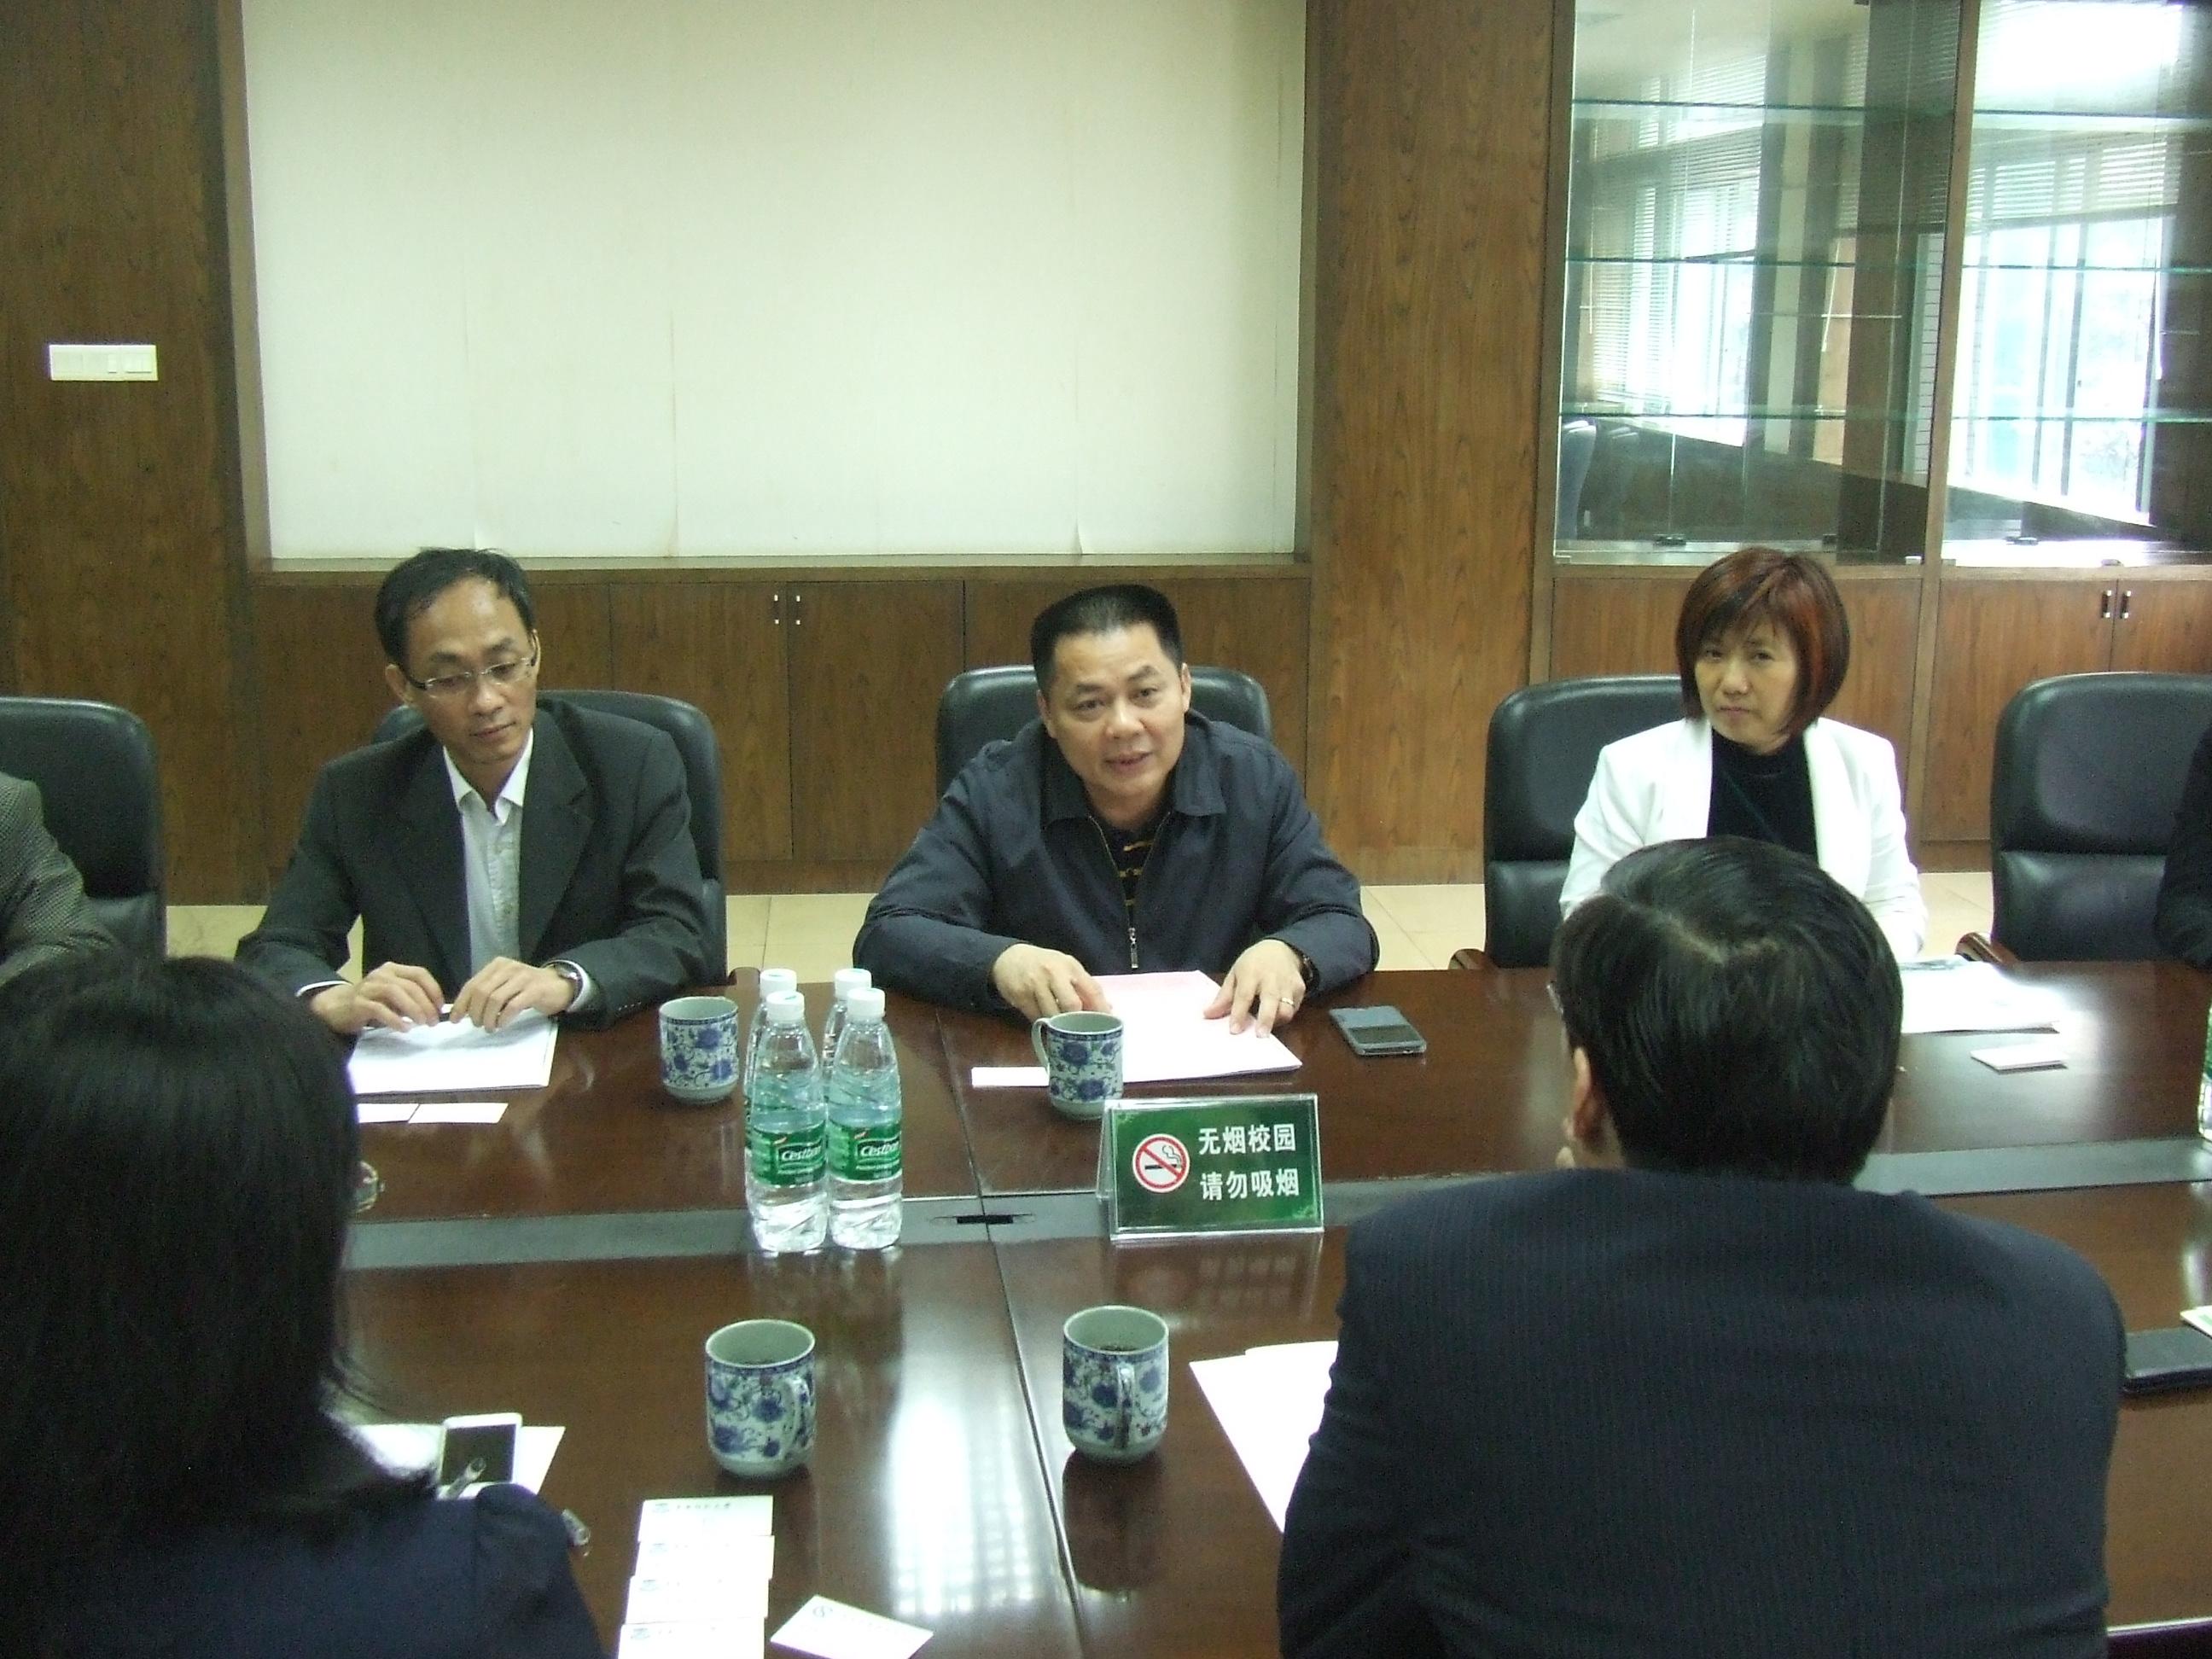 中国留学服务中心程家财副主任一行访问我校南海校区